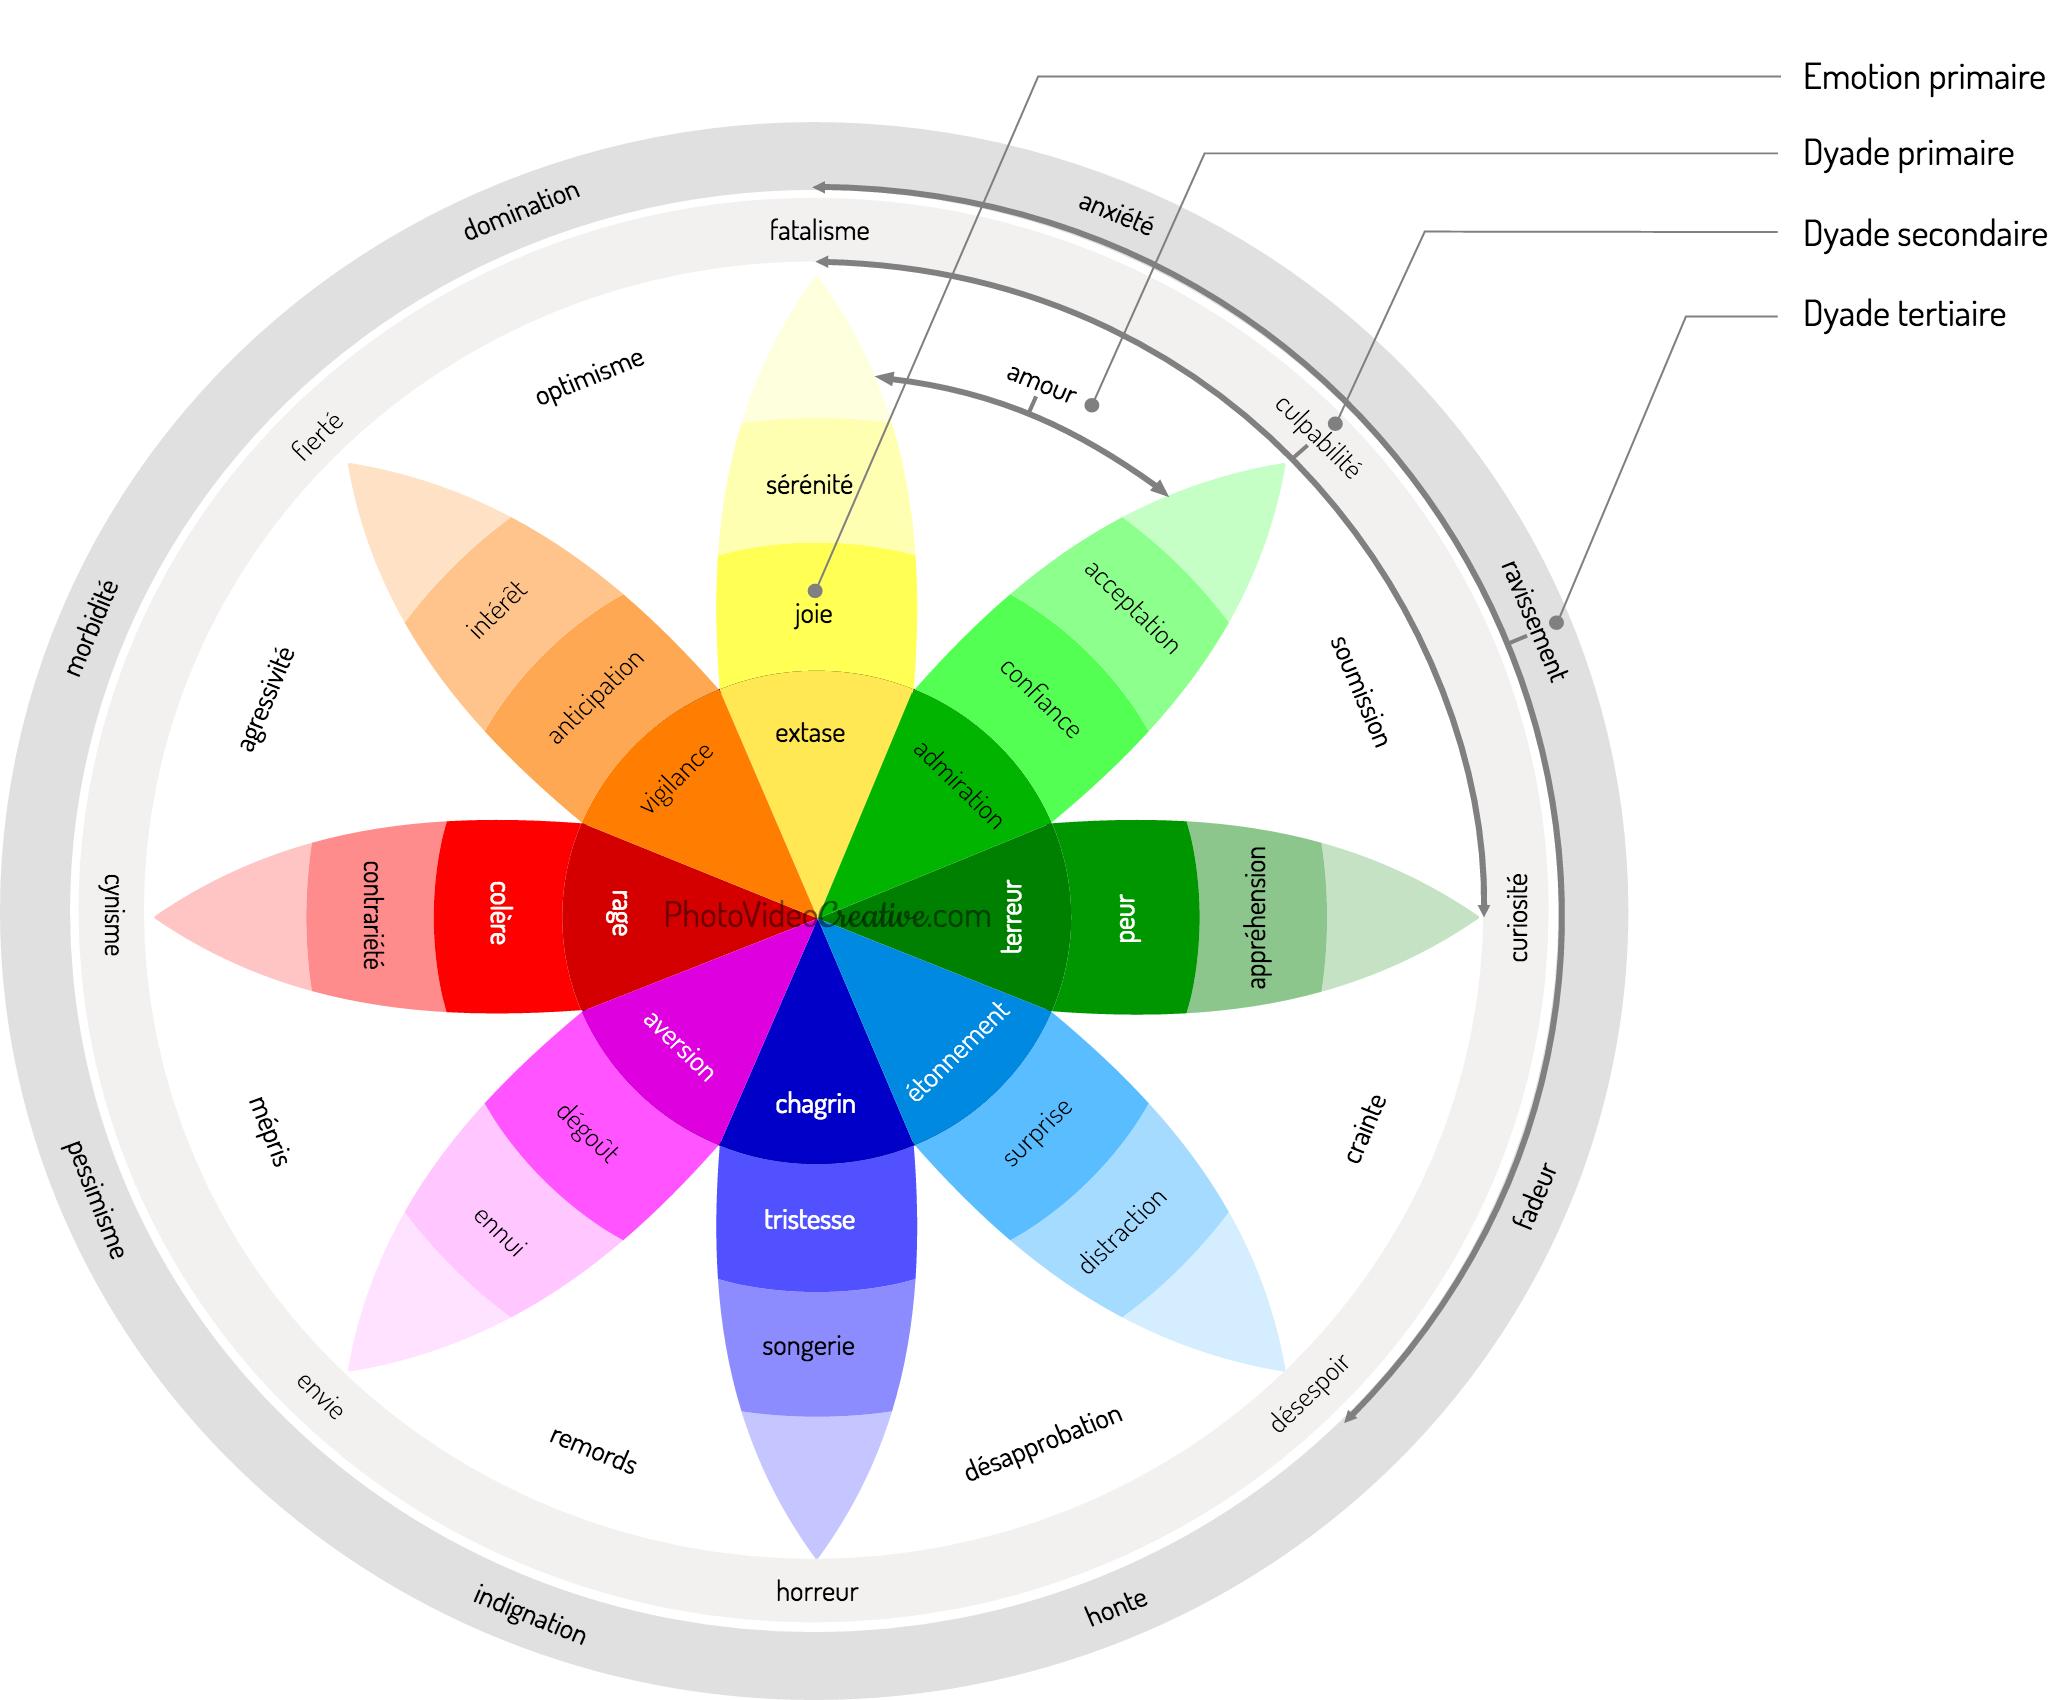 La roue des émotions de Plutchik